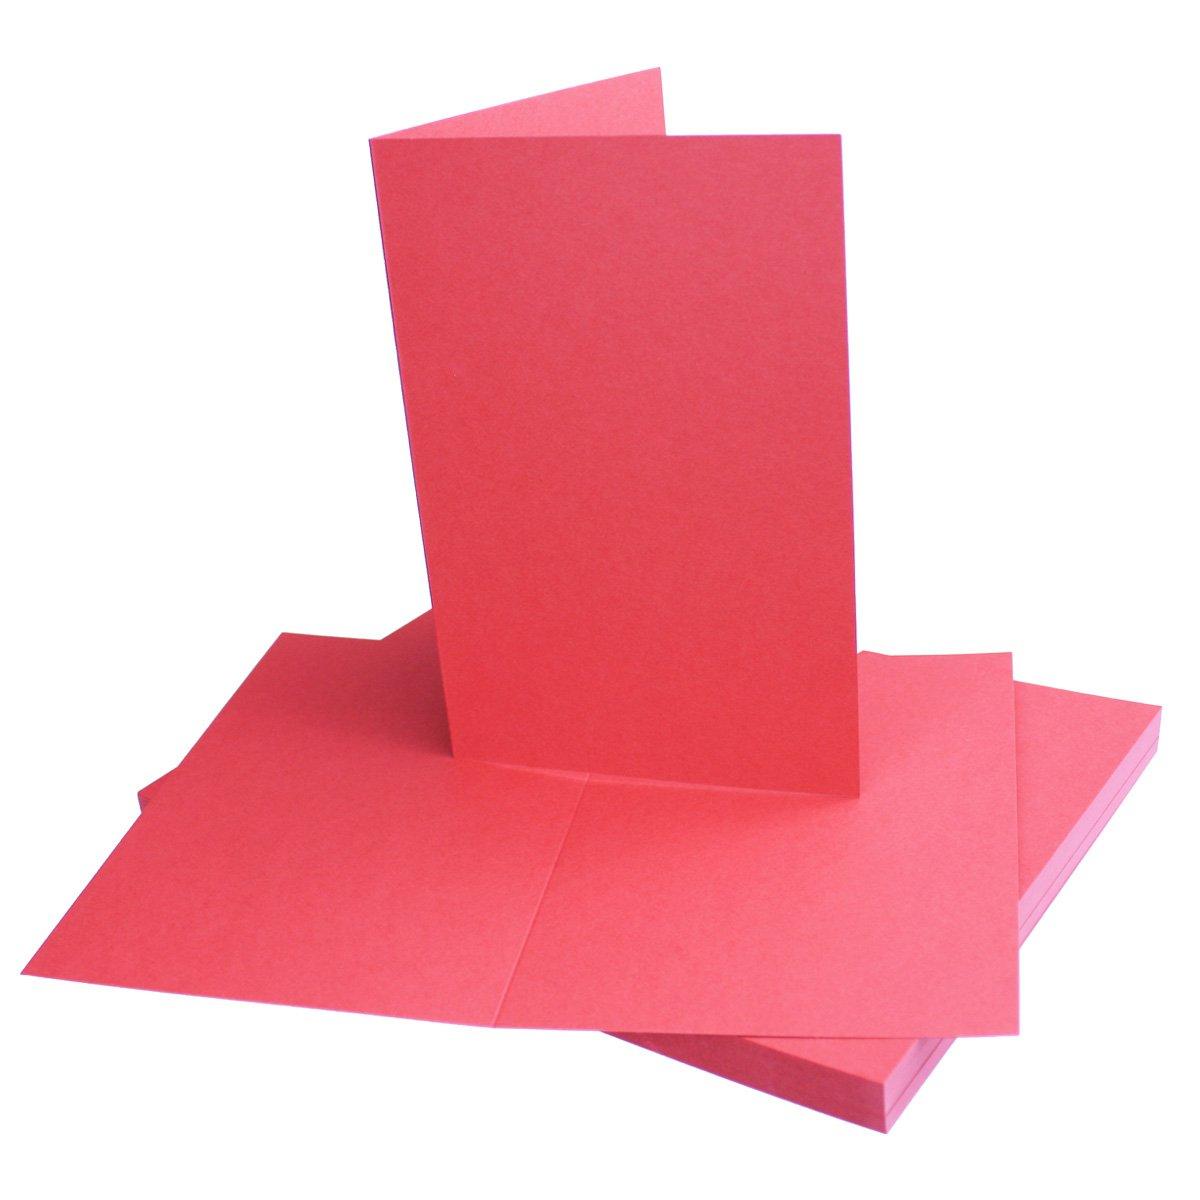 250x Falt-Karten DIN A6 Blanko Doppel-Karten in Hochweiß Kristallweiß -10,5 x 14,8 cm   Premium Qualität   FarbenFroh® B078TFFMFG | Passend In Der Farbe